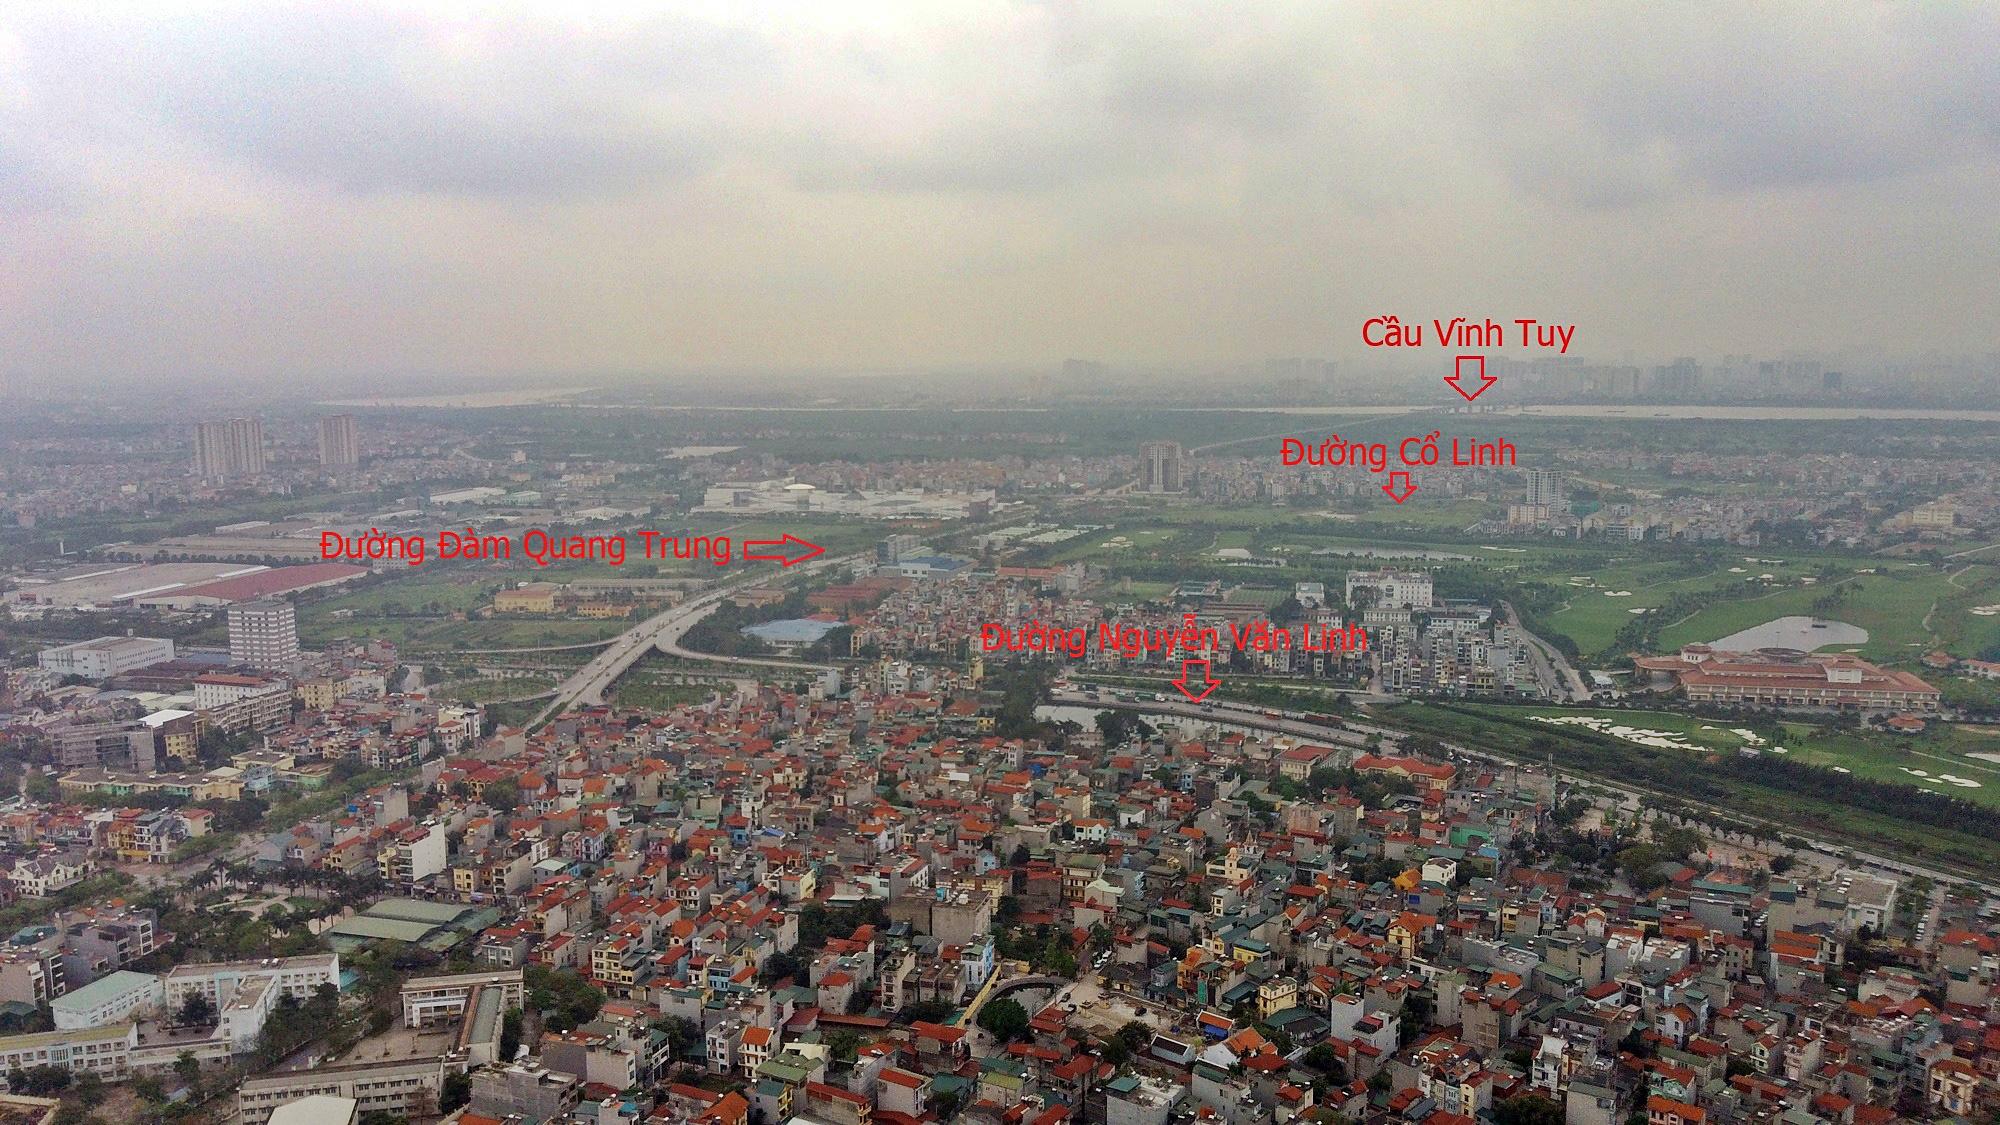 Cầu sẽ mở theo qui hoạch ở Hà Nội: Toàn cảnh cầu/hầm Trần Hưng Đạo nối quận Hoàn Kiếm - Long Biên - Ảnh 12.